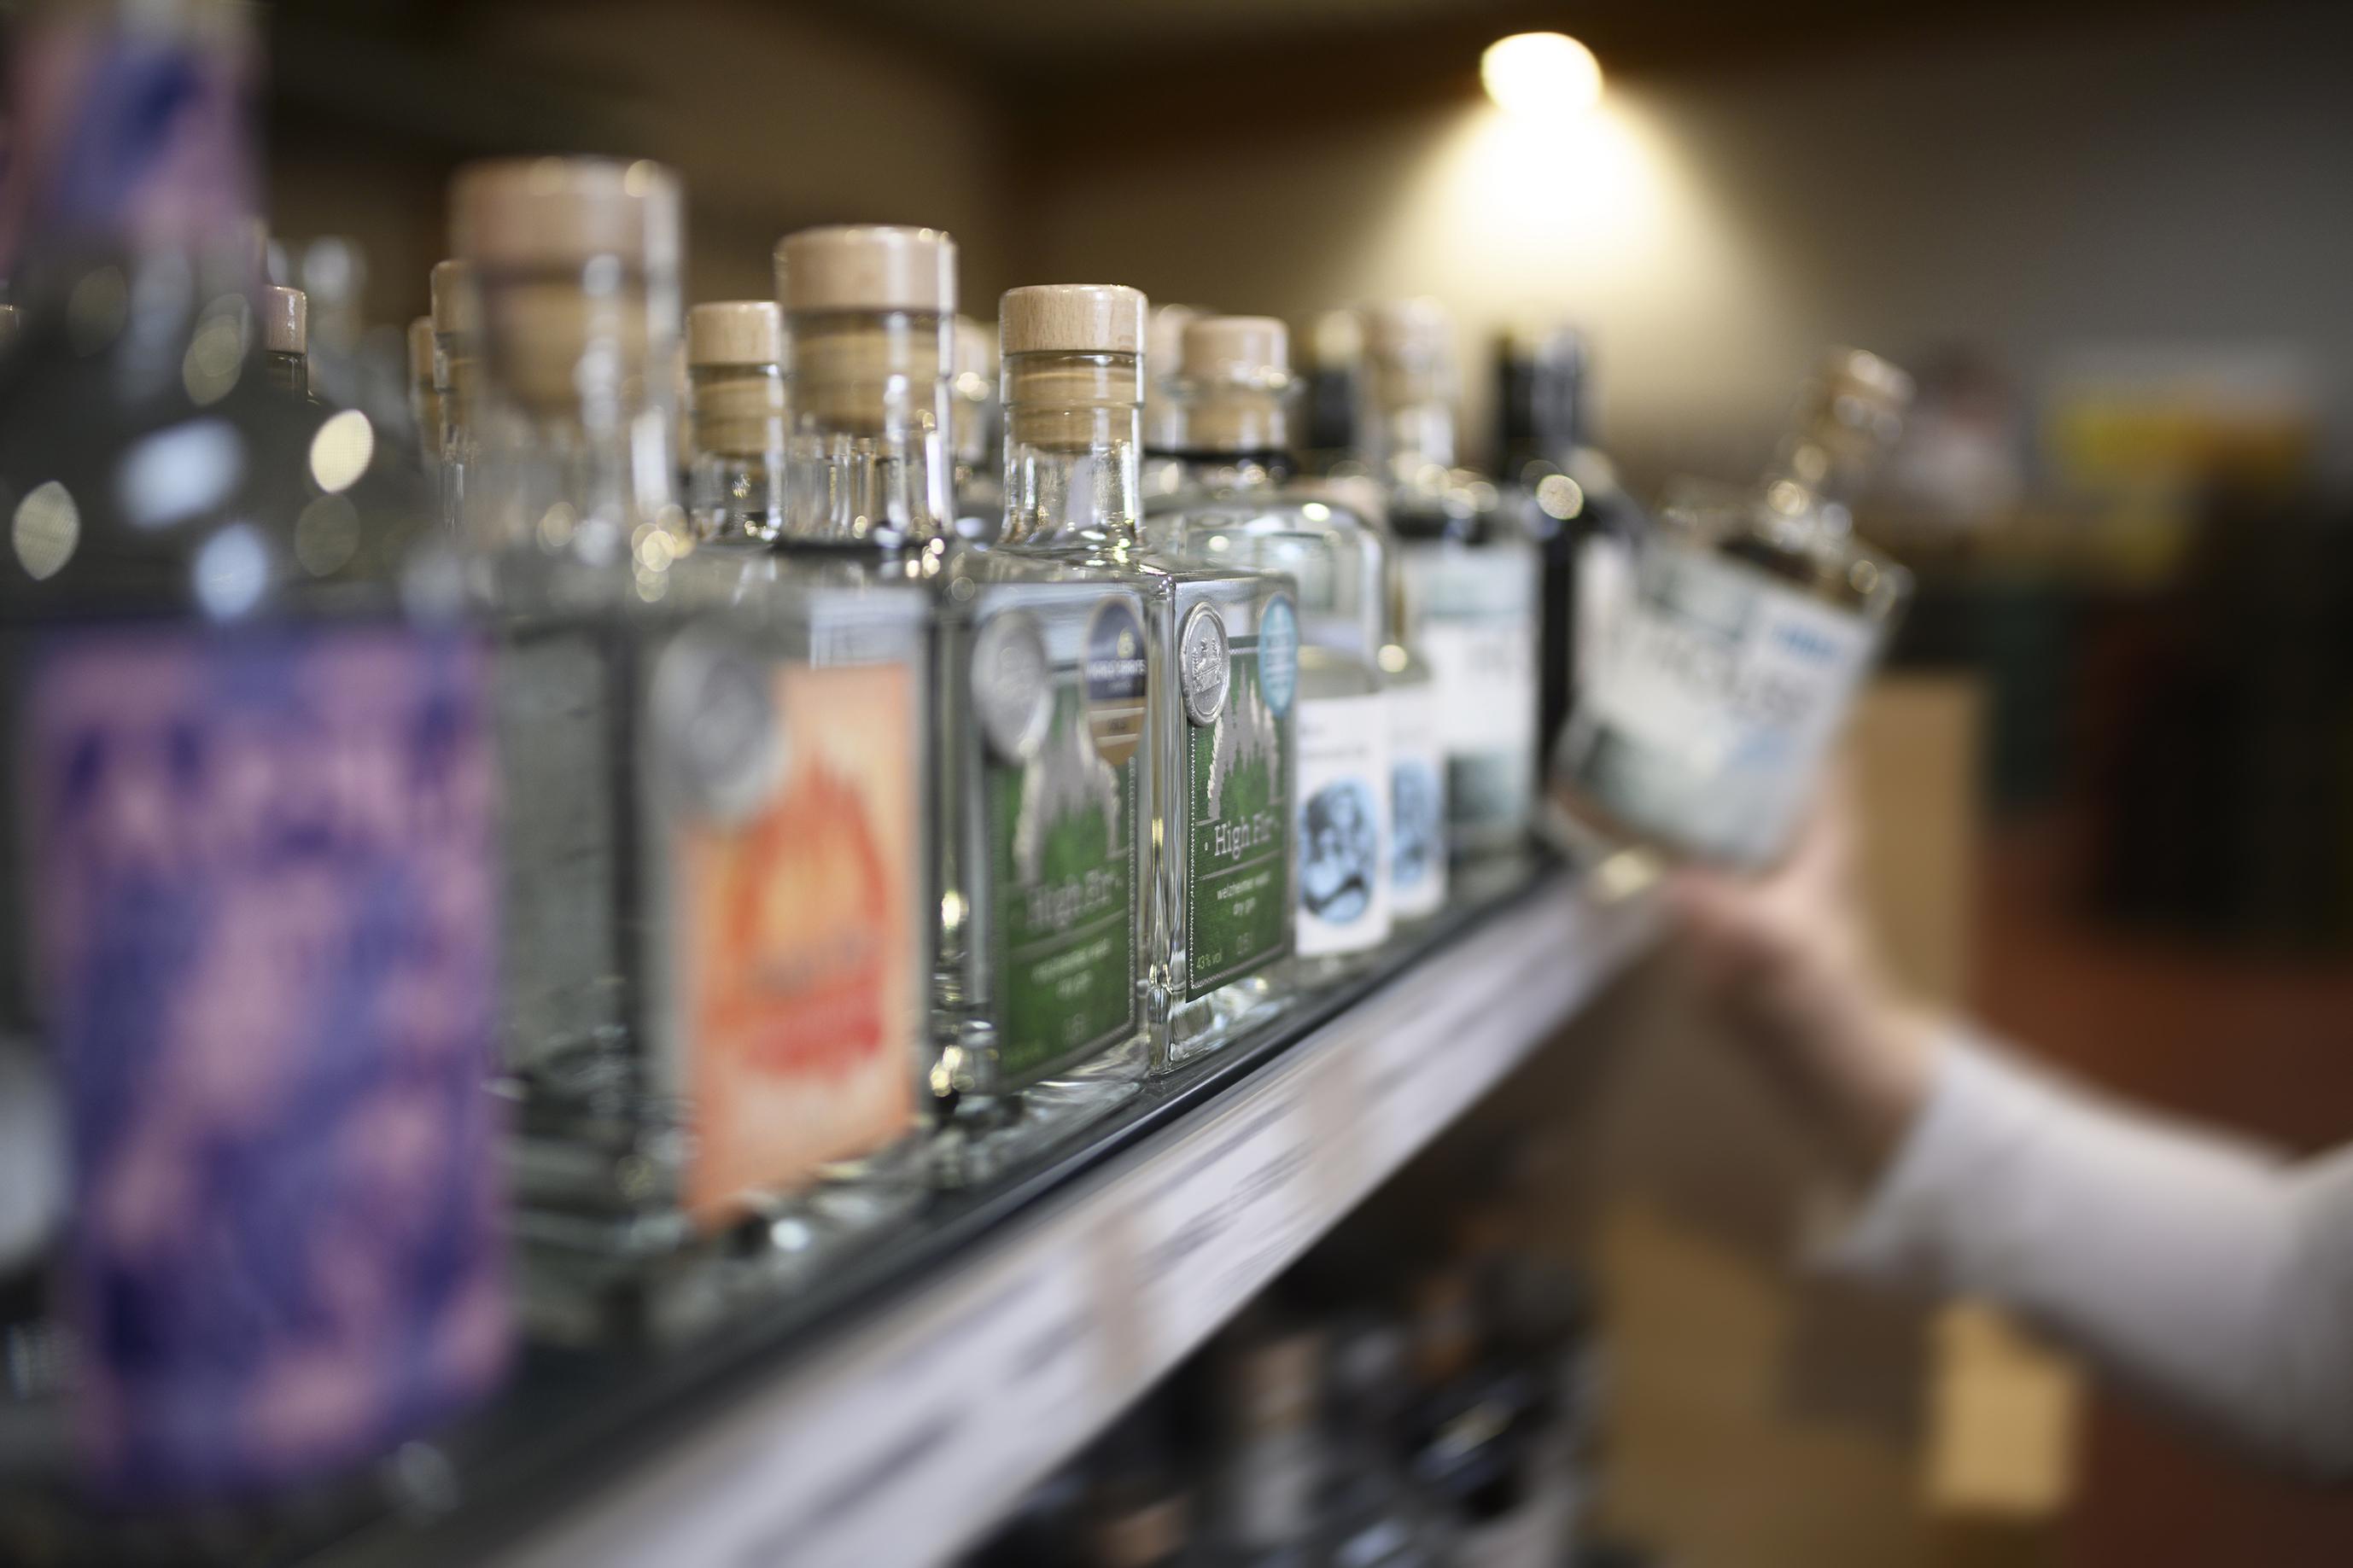 Weinhaus Binder Schorndorf Gin